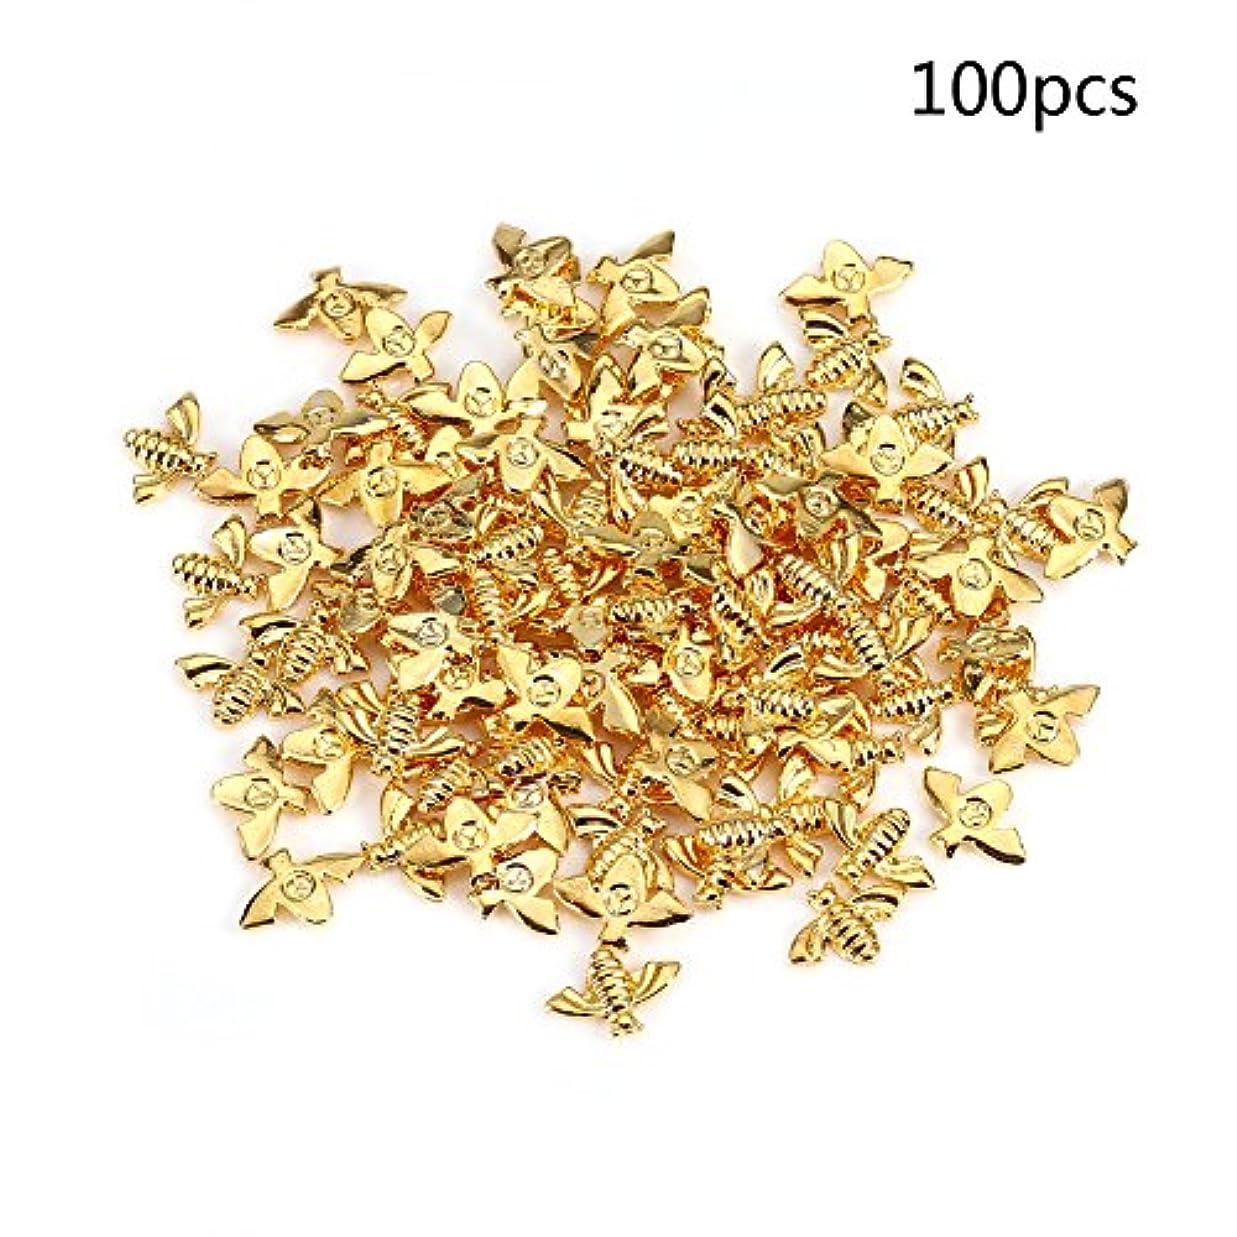 天才ローズキリストメタルネイルデコレーション 2色100pcs / bag金属蜂3Dネイルデコレーションメタルスティックゴールドシルバーネイルデカールマニキュア (ゴールド)